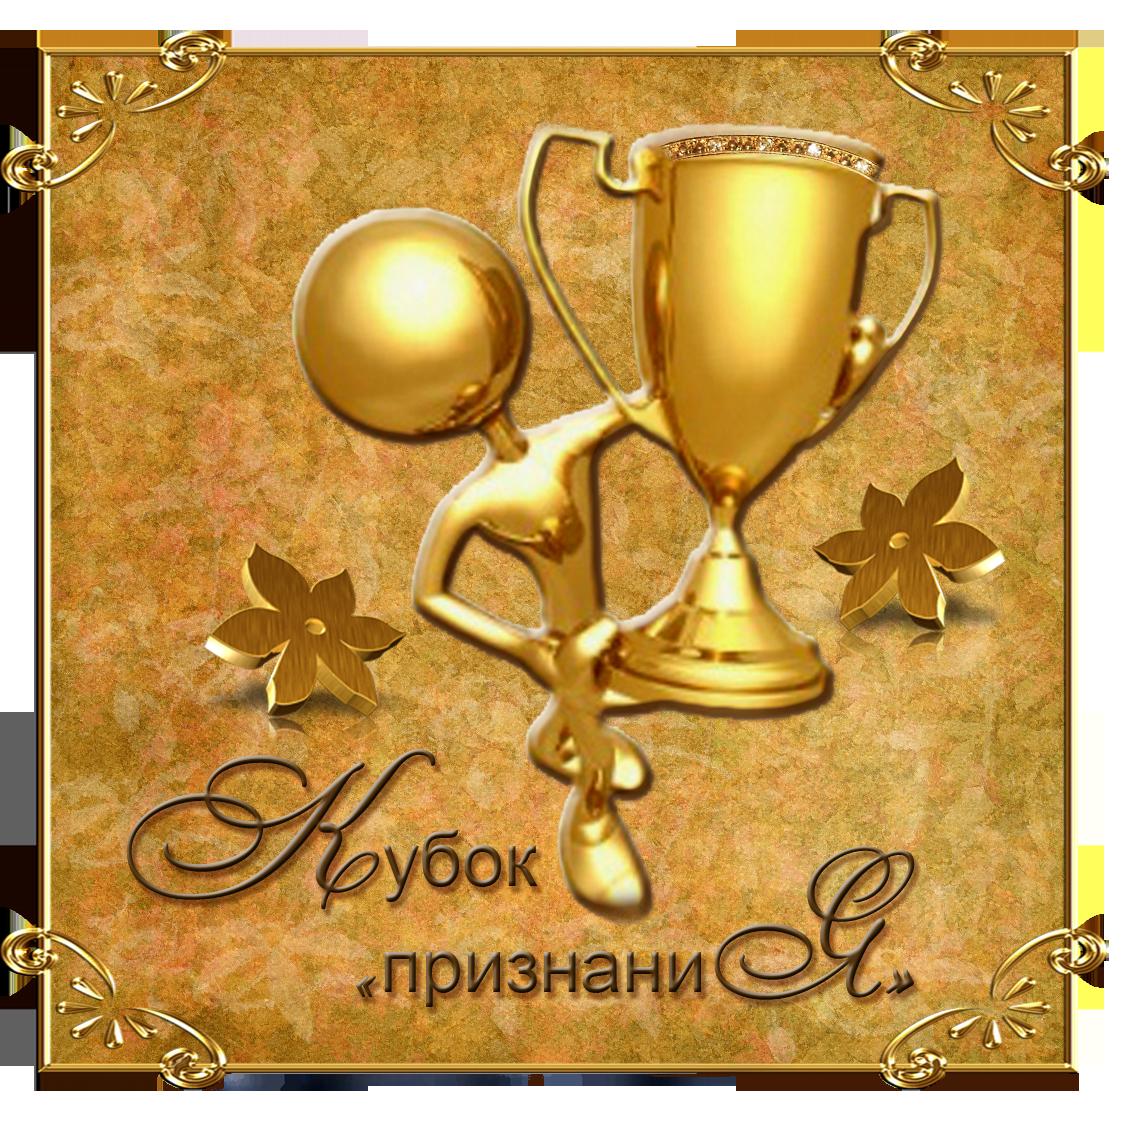 Поздравления со спортивной победой в картинках6